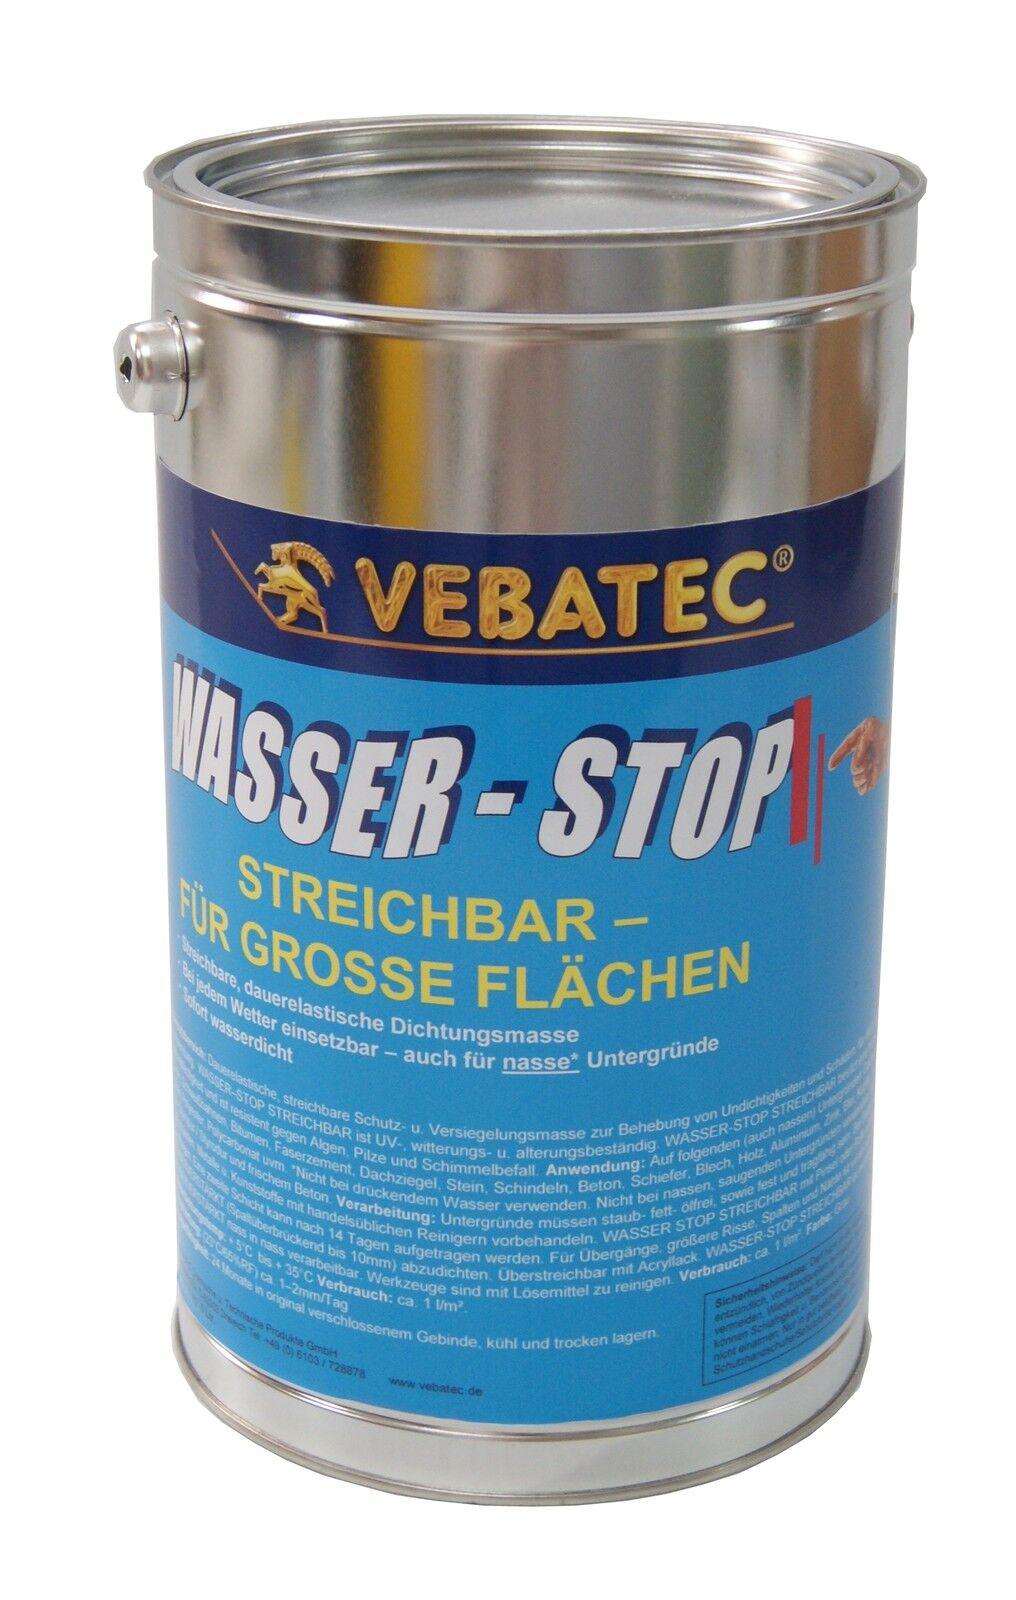 Vebatec - Wasser-Stop streichbar 5 Kilogramm